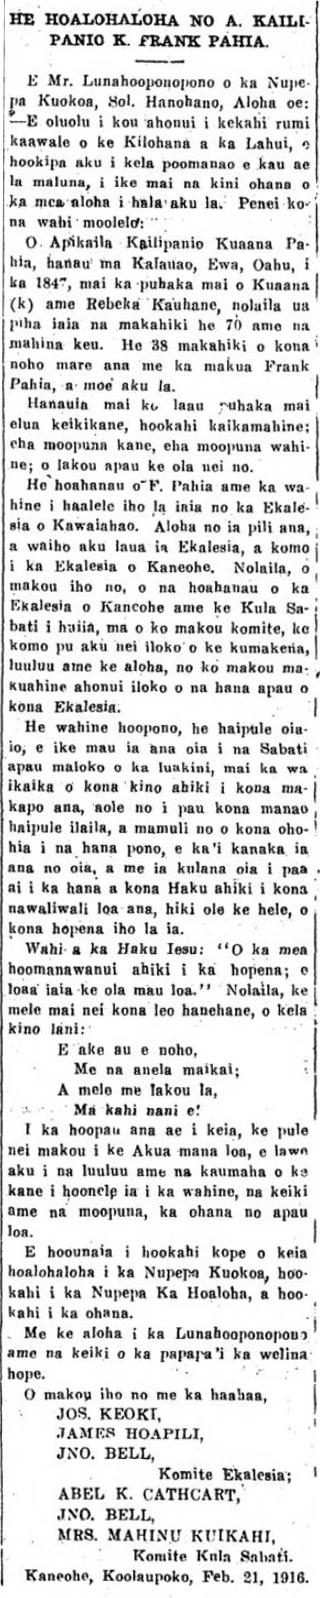 Kuokoa_3_3_1916_5.png